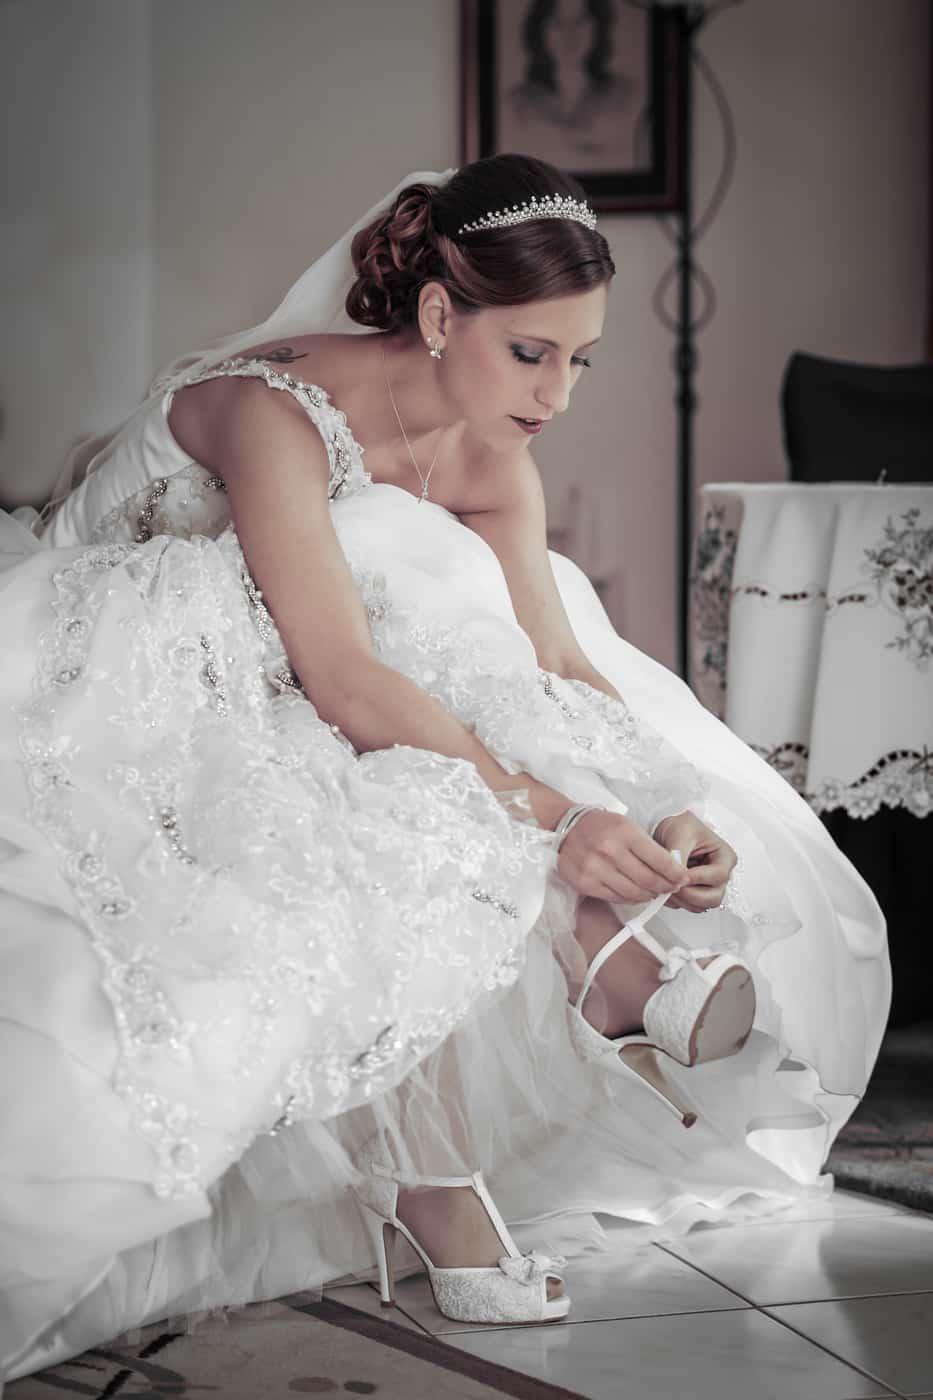 Die Braut - Udo Siebertz